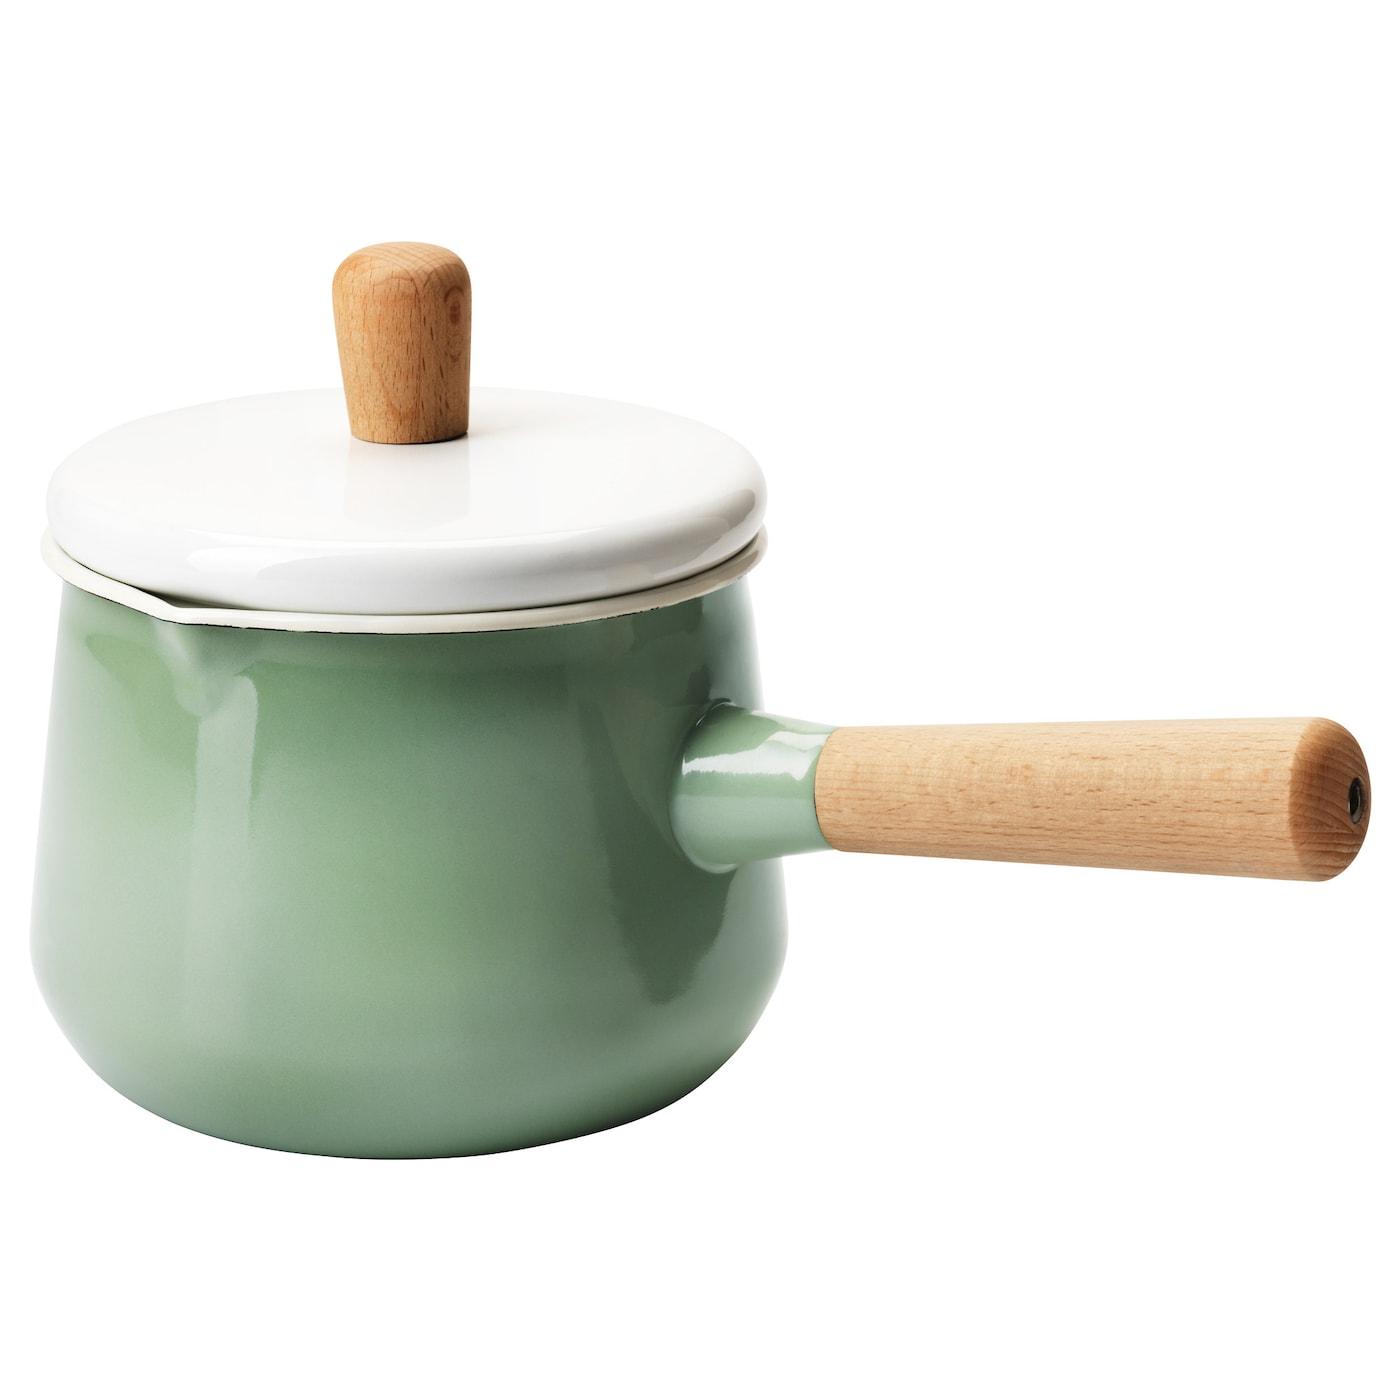 KASTRULL カストルル 片手鍋 ふた付き